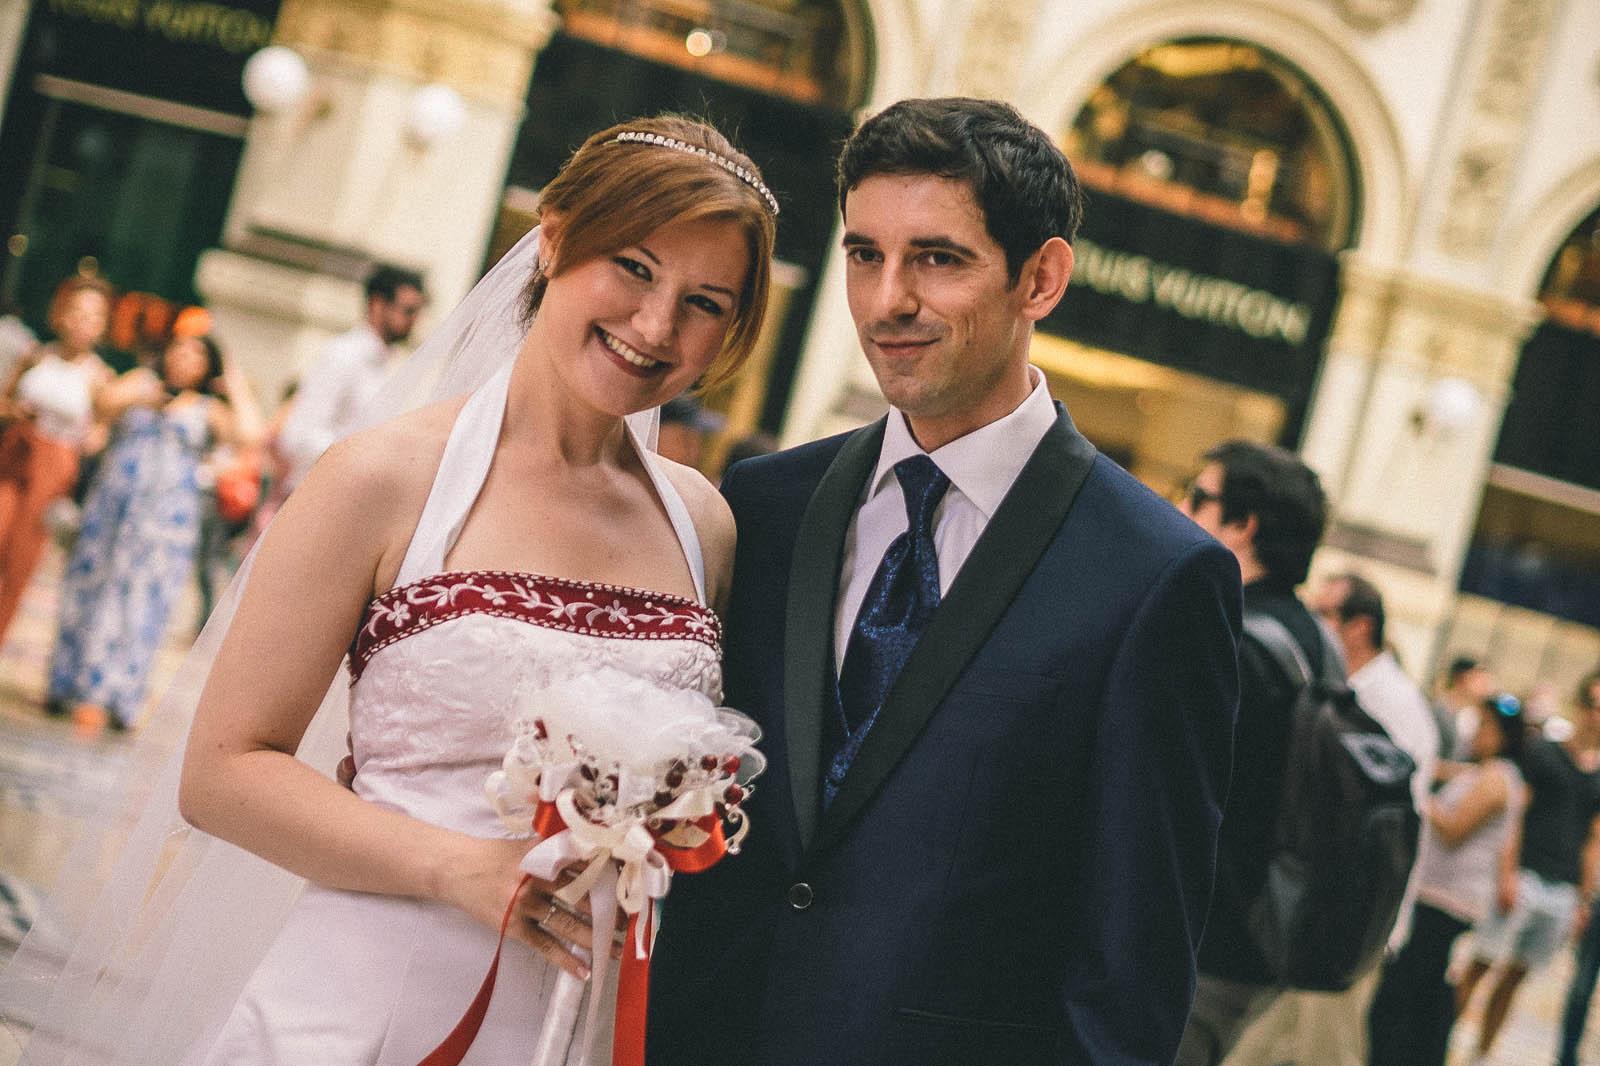 Matrimonio a Milano: passeggiata in Galleria Vittorio Emanuele